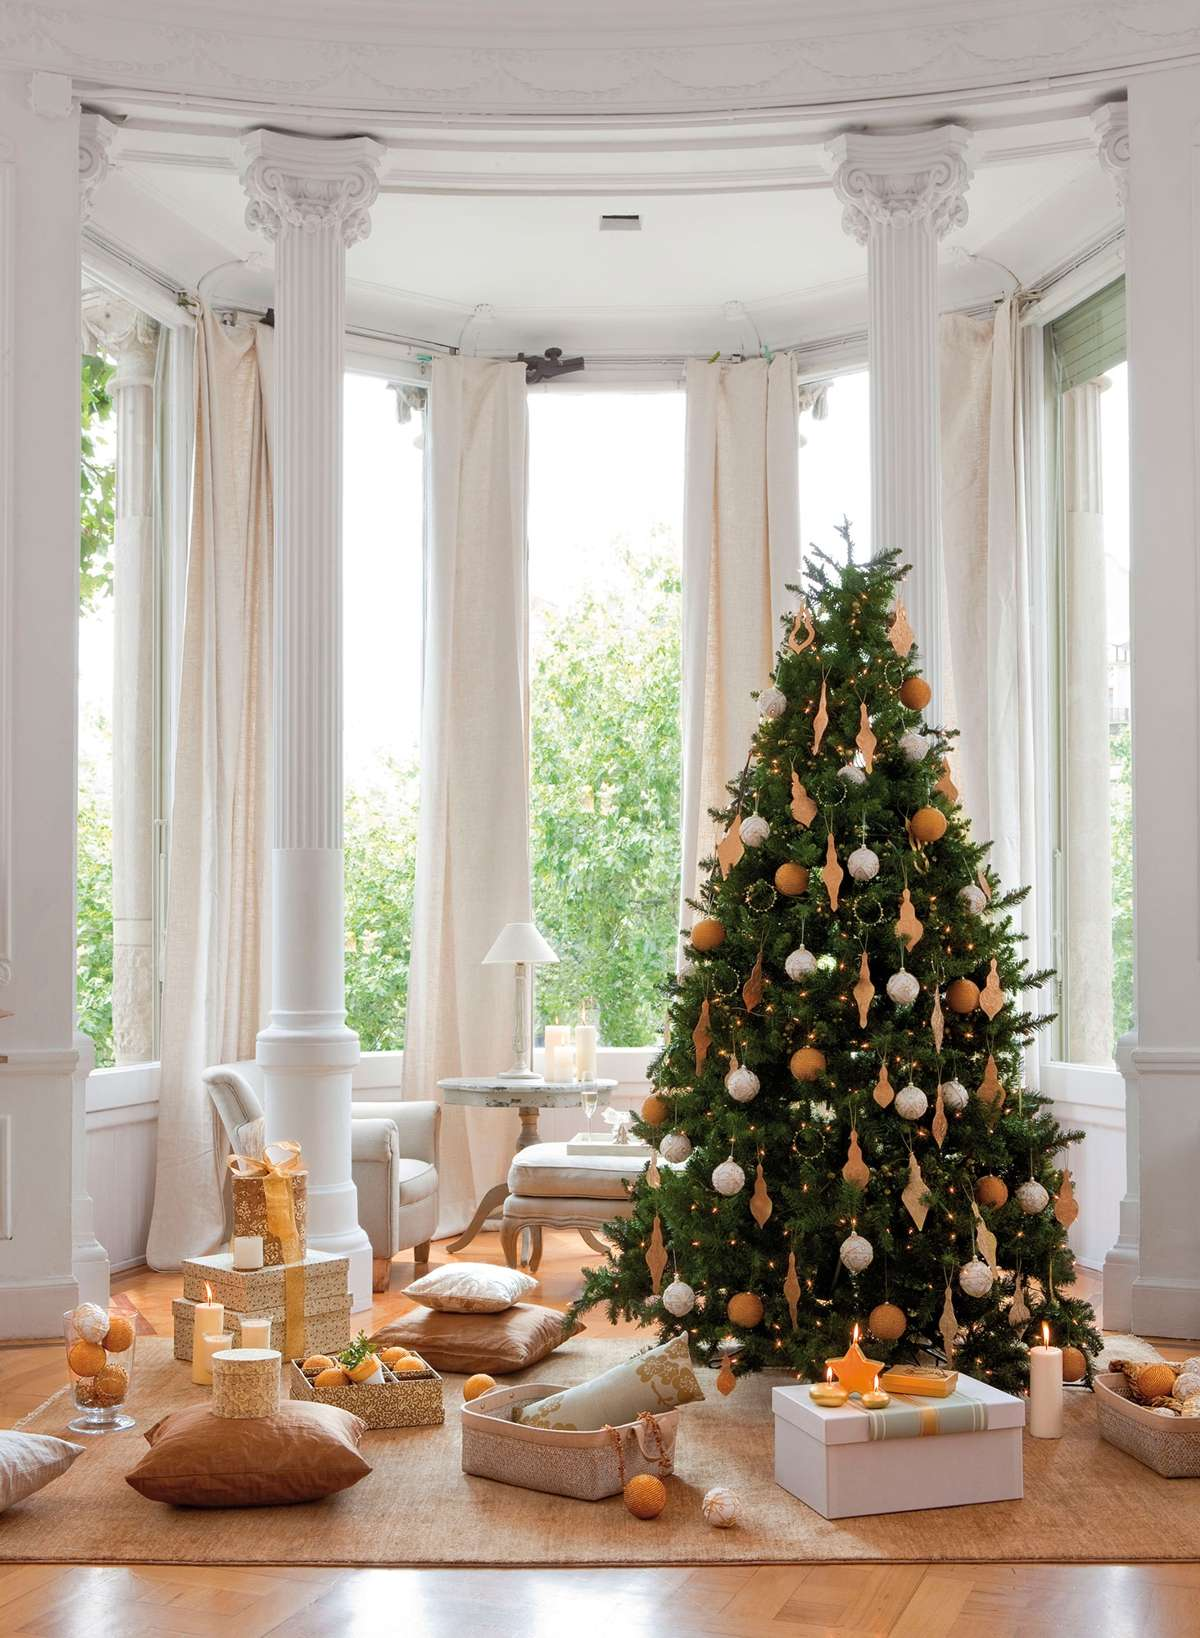 Sorprendentes ideas para decorar el árbol de Navidad 12